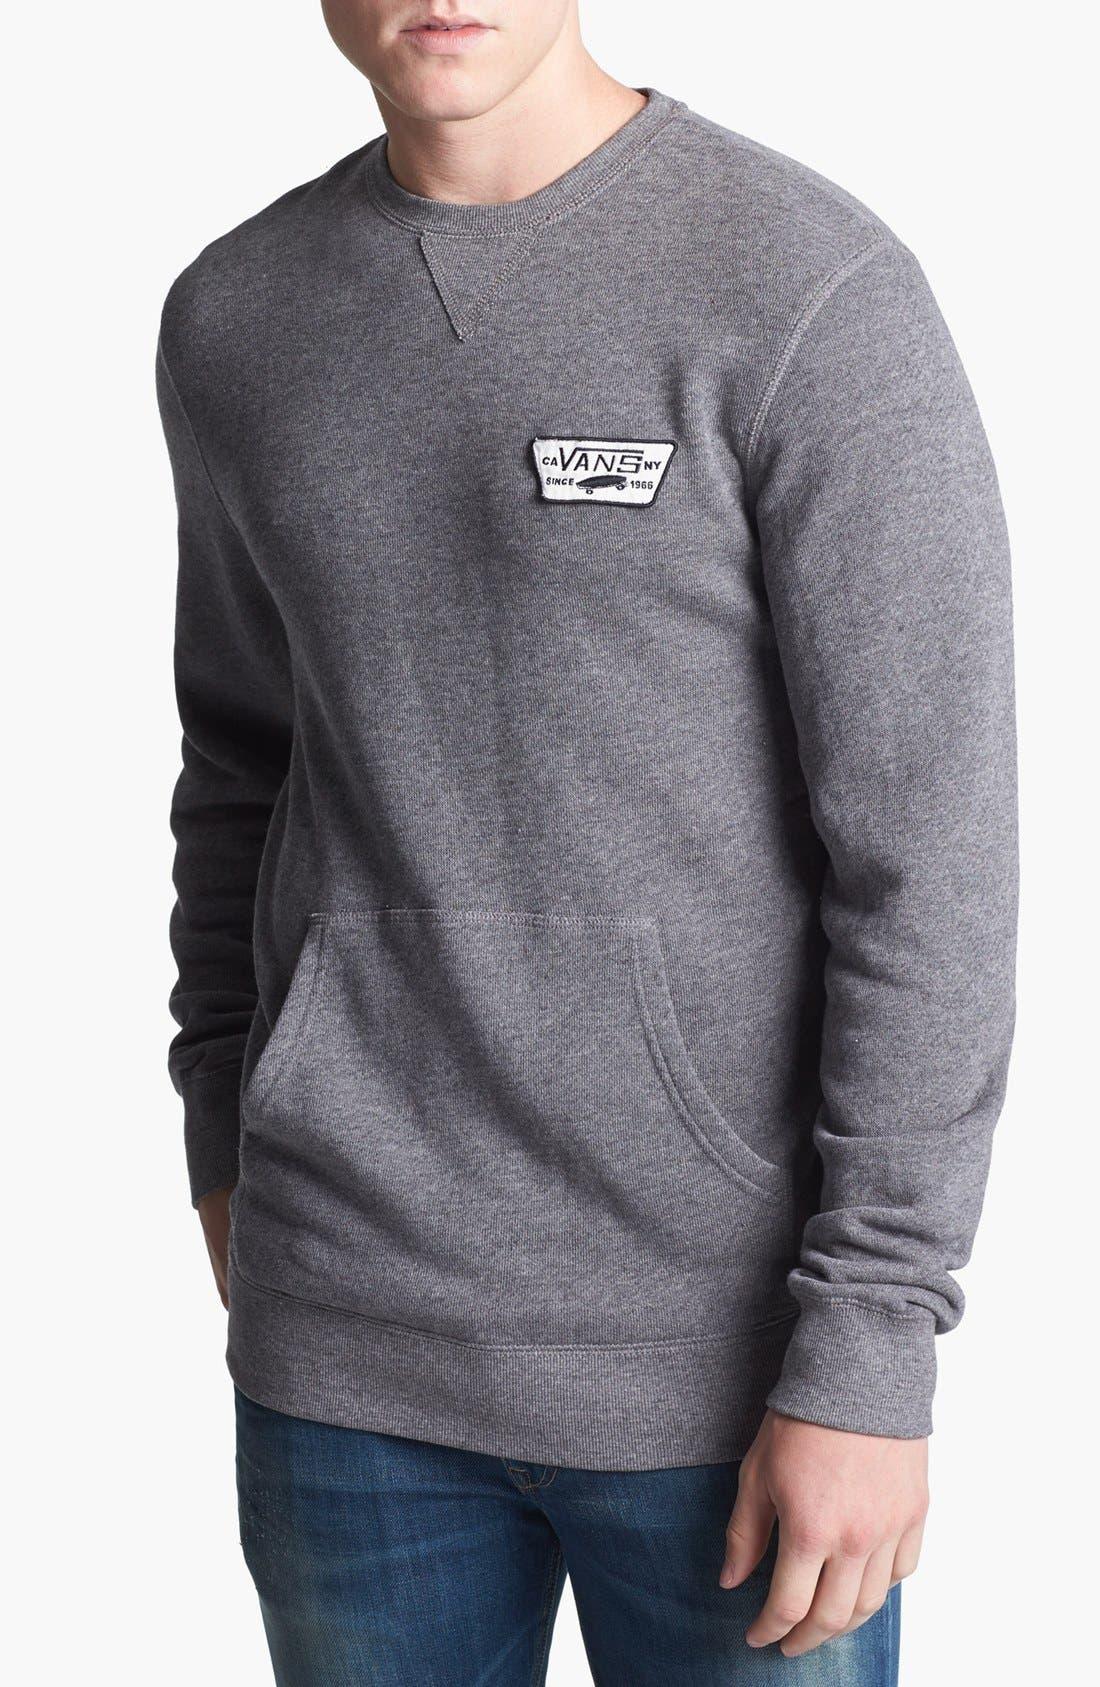 Main Image - Vans 'Garnet' Crewneck Sweatshirt